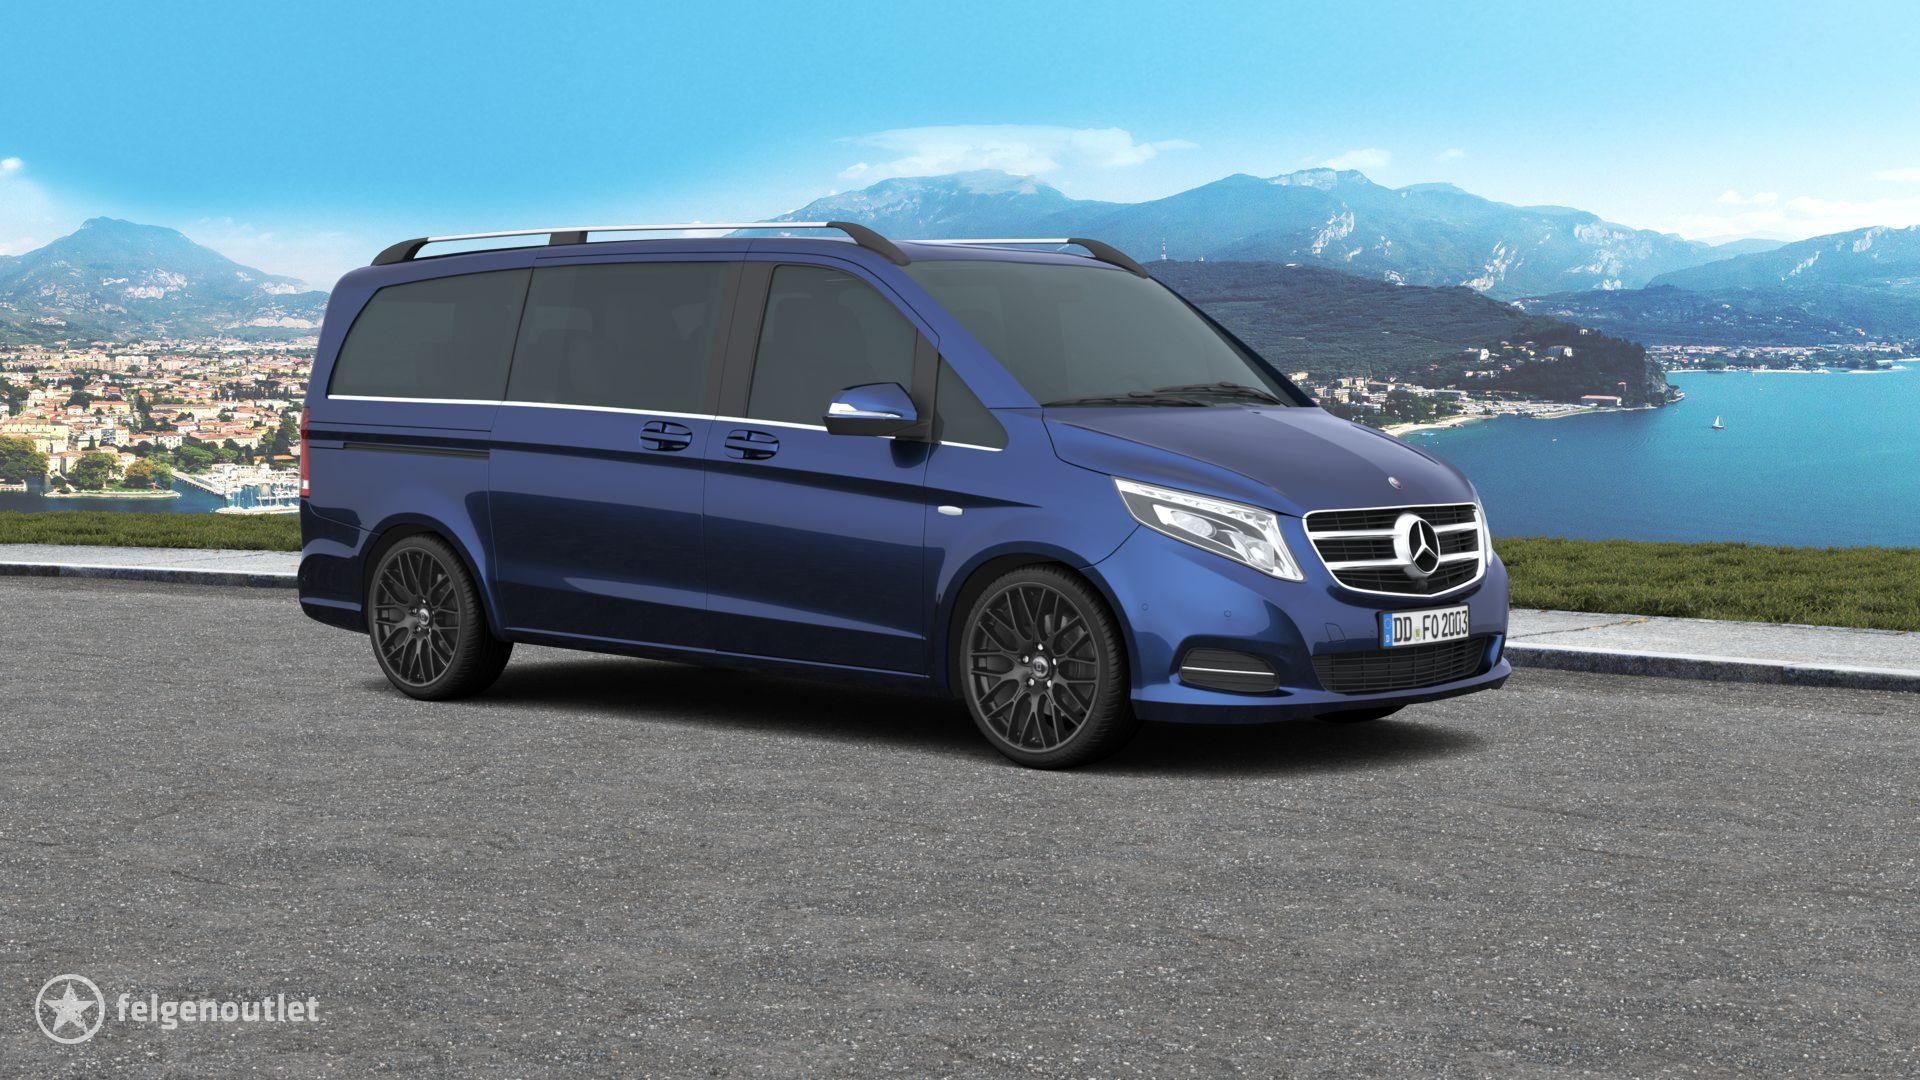 Diewe Impatto NeroS Mercedes Benz V-Klasse Großraumlimousine